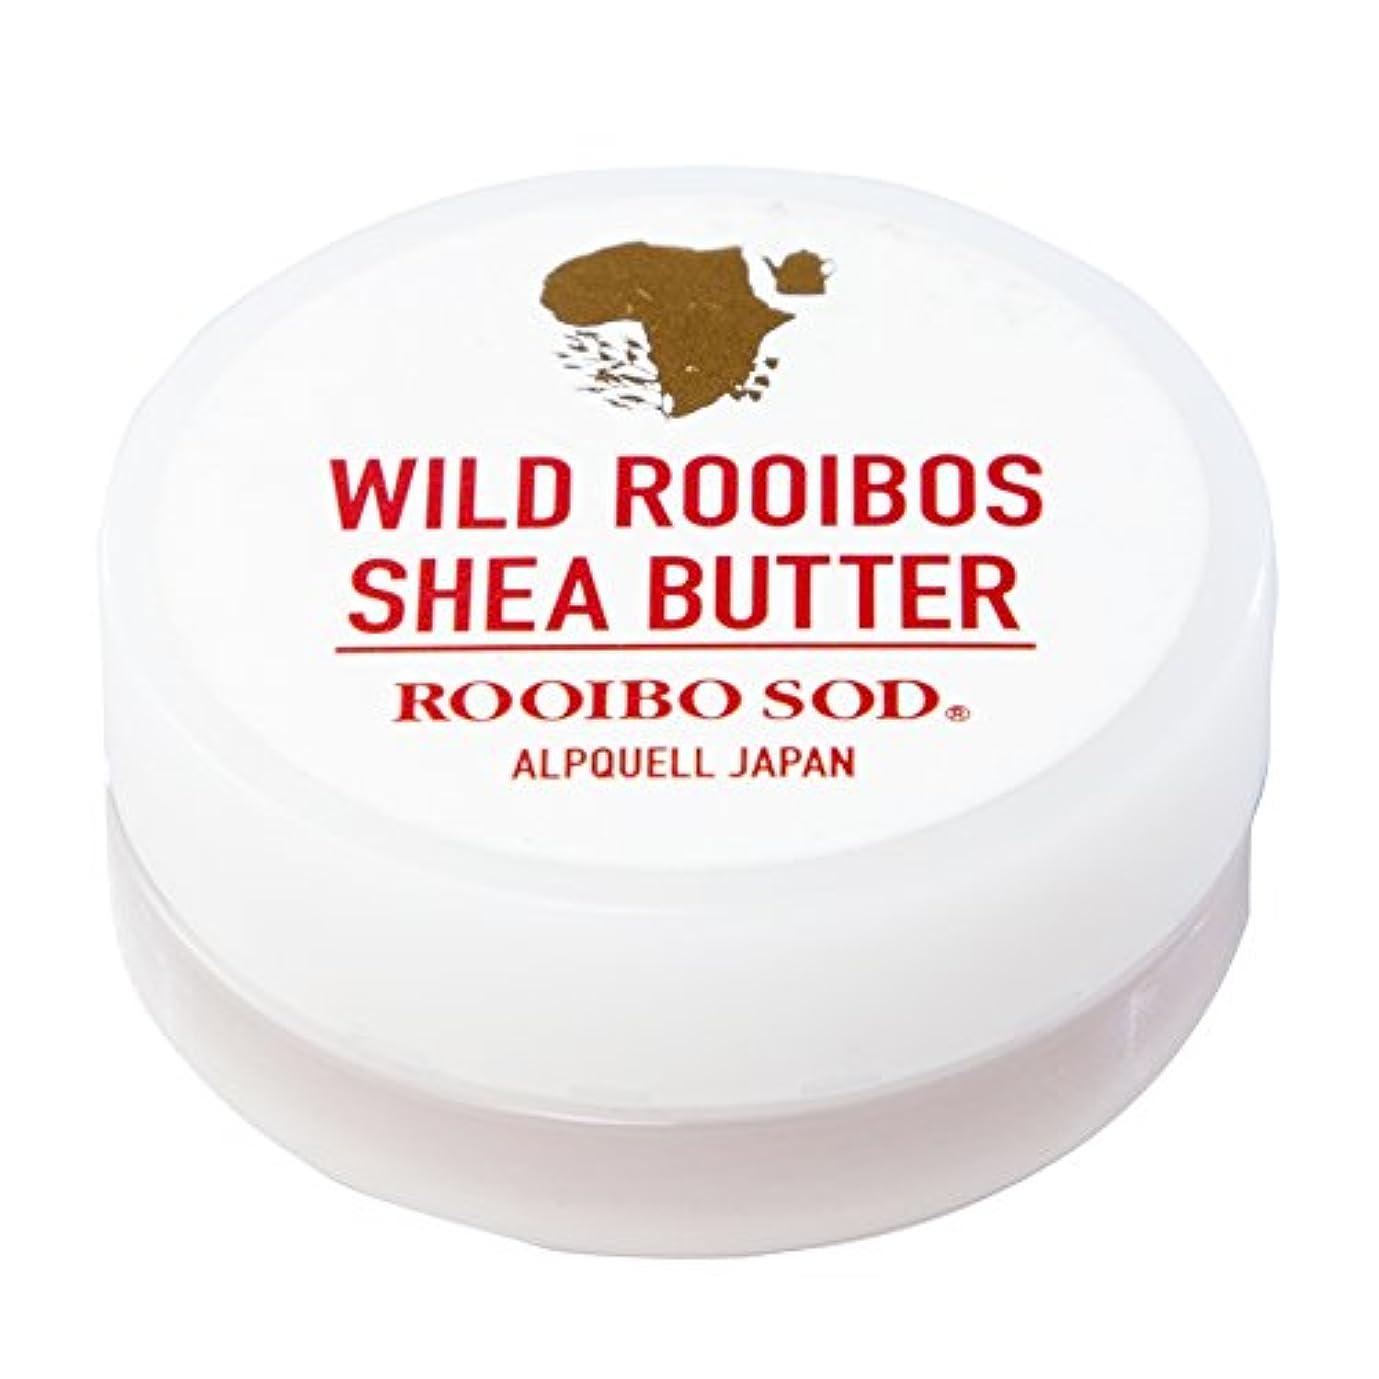 注釈薄いです弾丸ルイボソード シアバター ルイボスエキス配合、無添加、天然成分100%